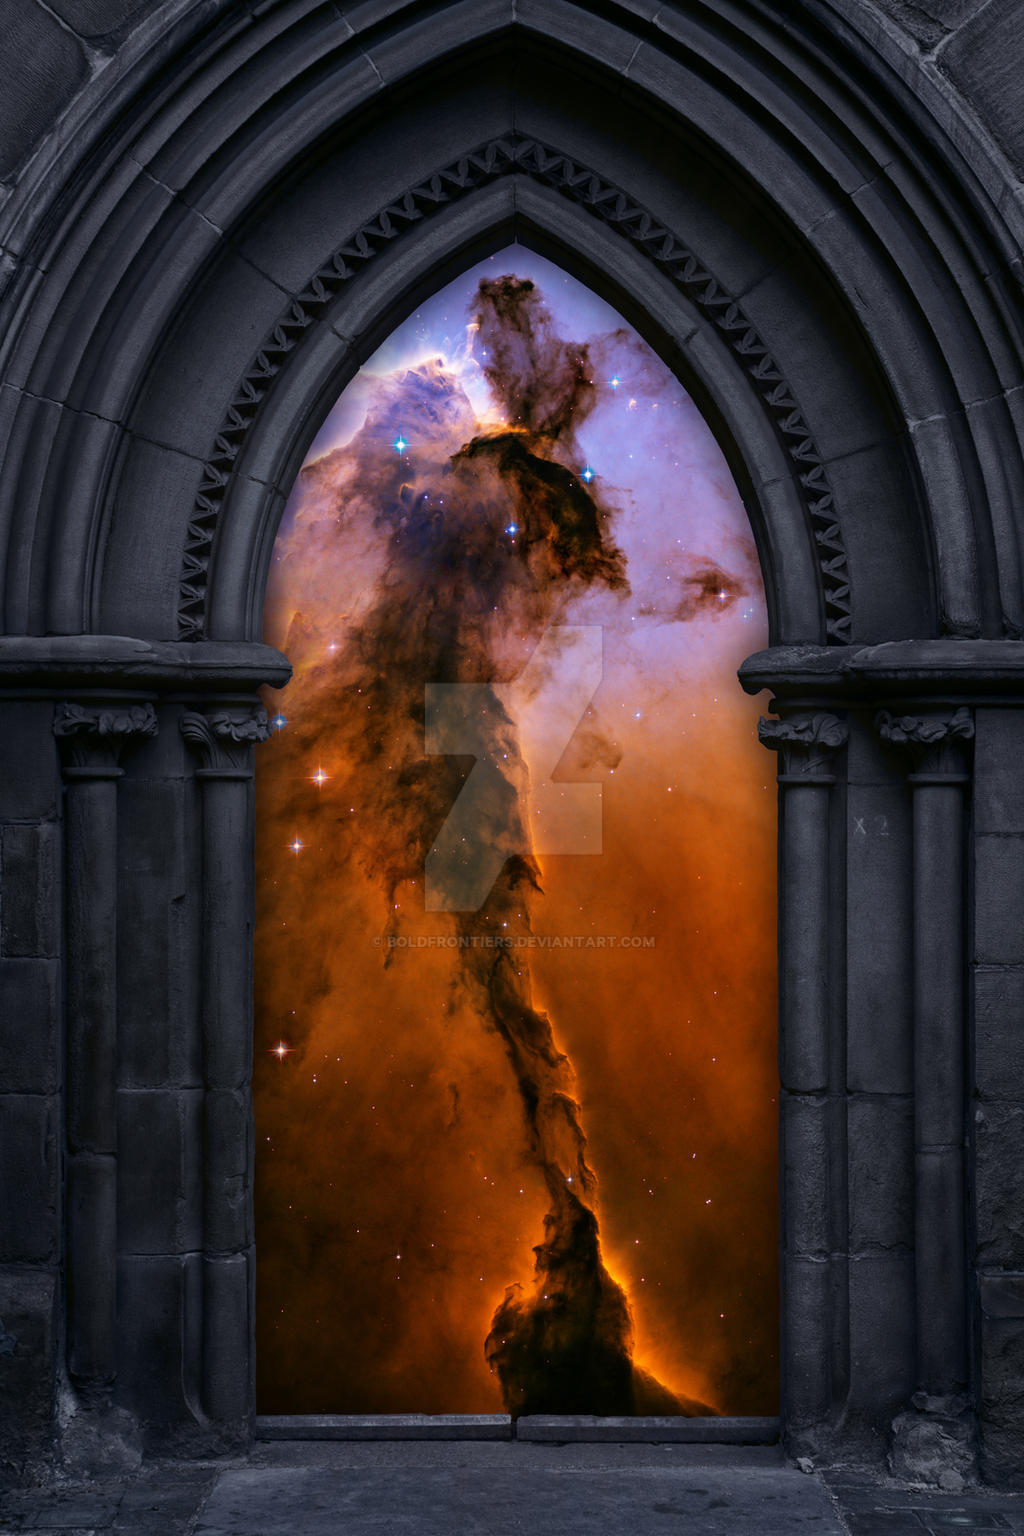 Divine Doorway - Exclusive Stock by somadjinn